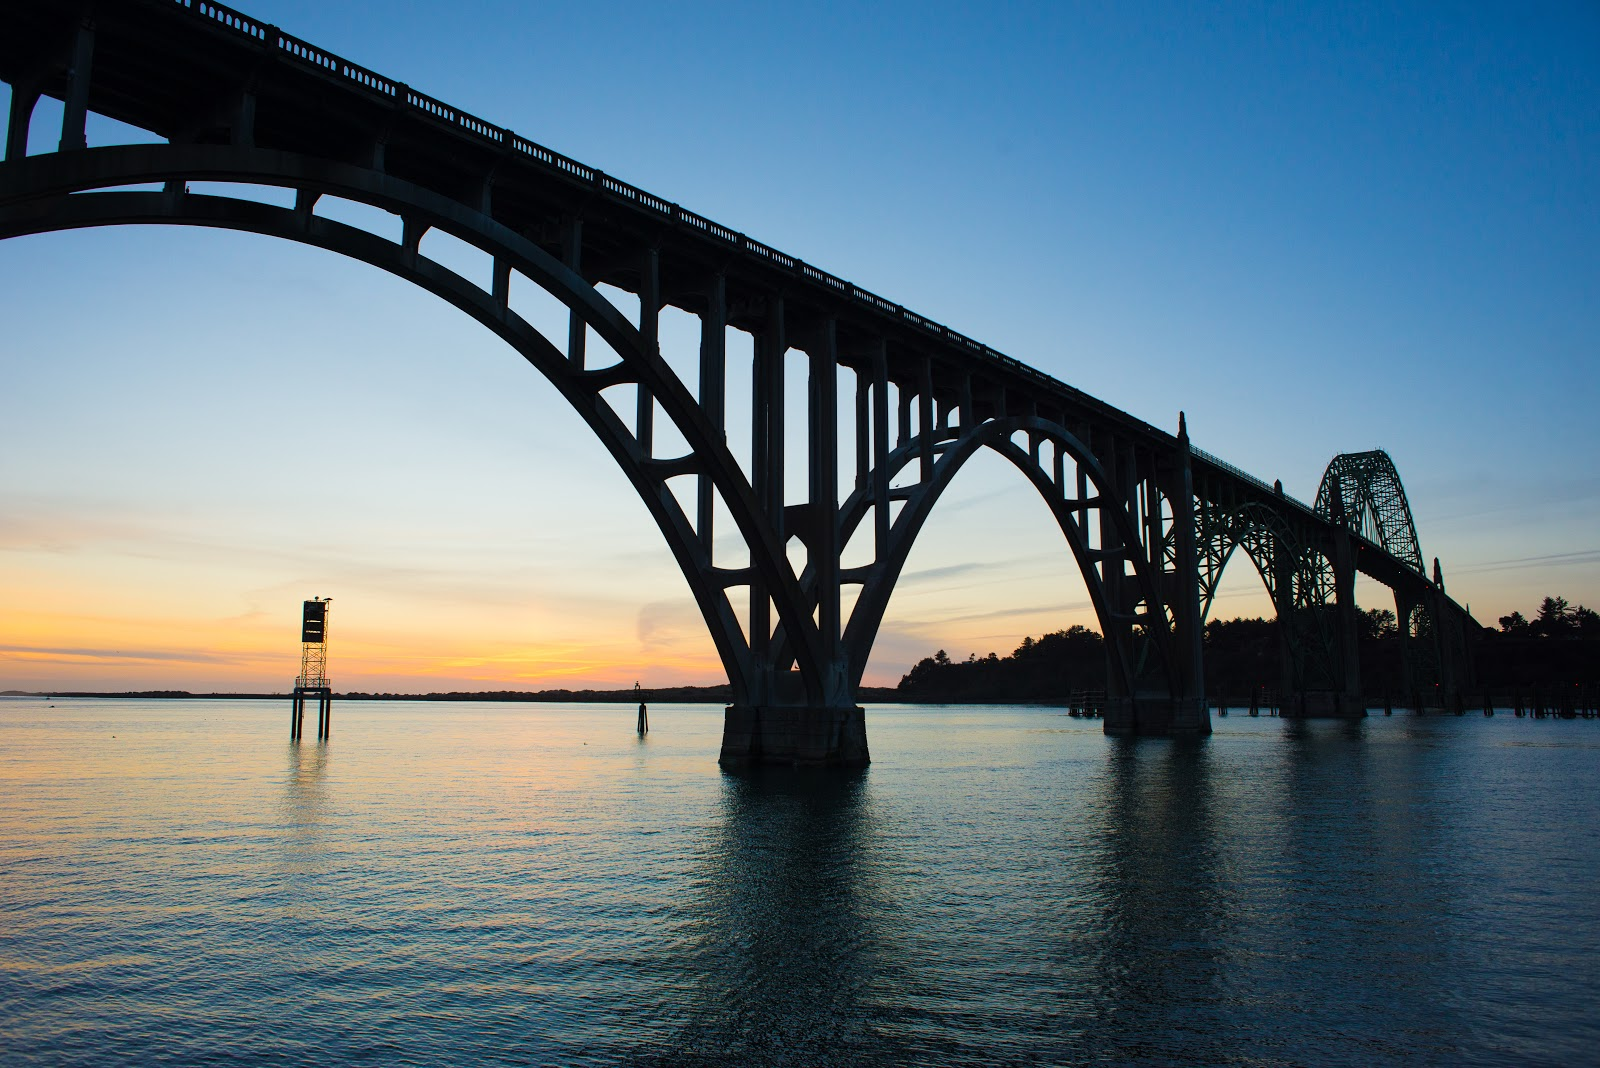 Newport's historic Yaquina Bay Bridge